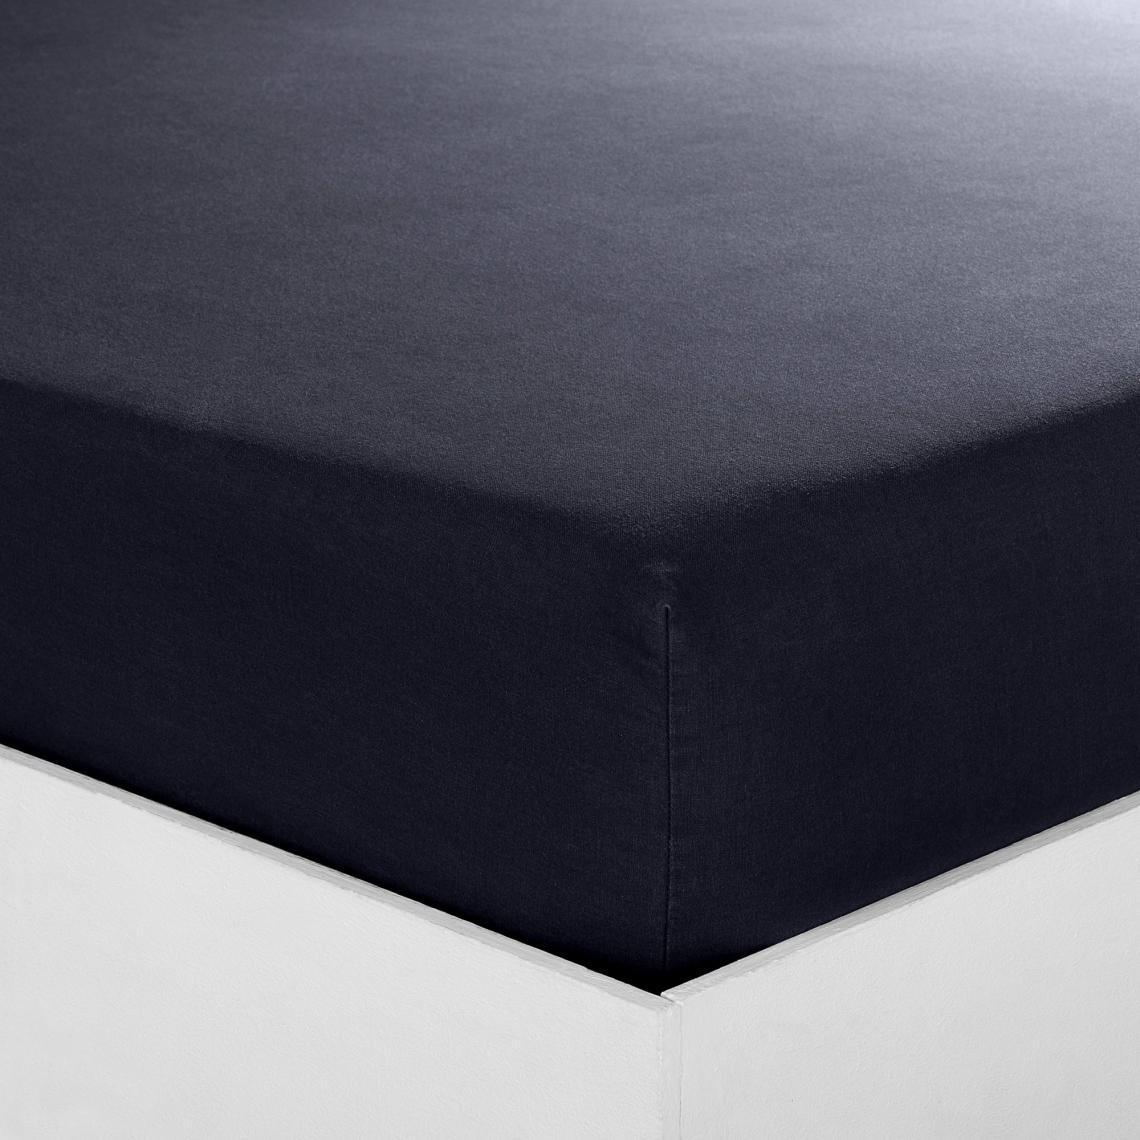 Drap Housse Sommier Articule Coton Tertio Noir 3 Suisses